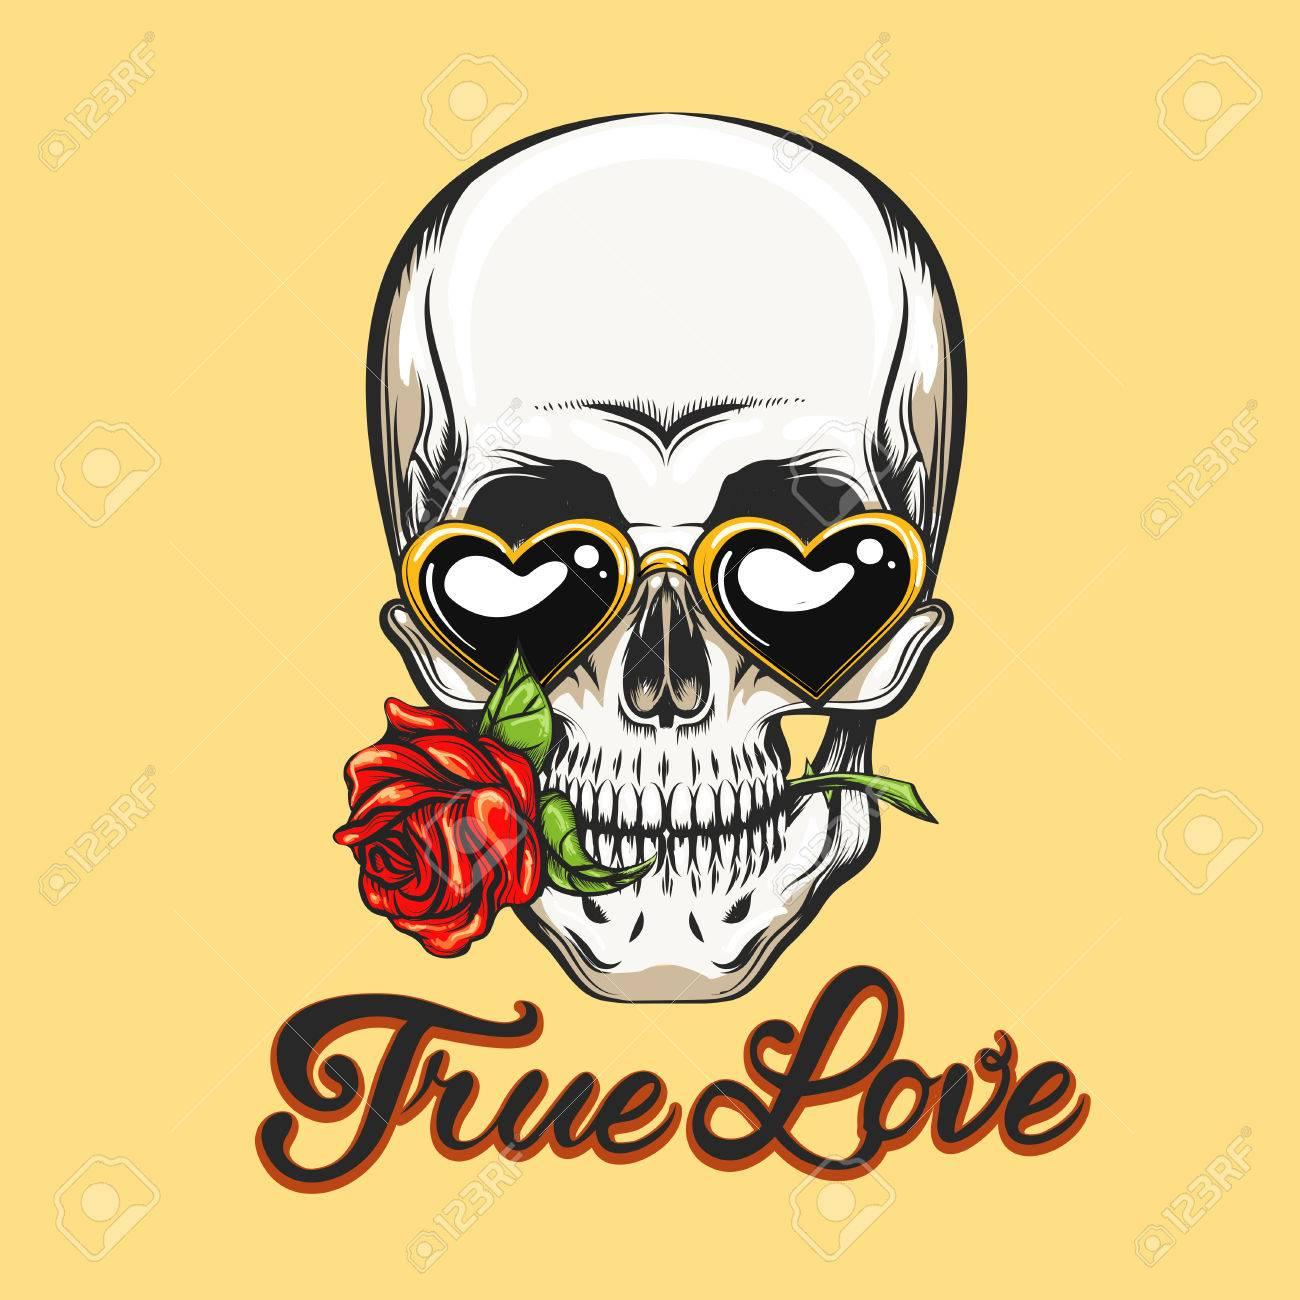 Cráneo Humano En Gafas En Forma De Corazón Con Flor Rosa En La Boca ...